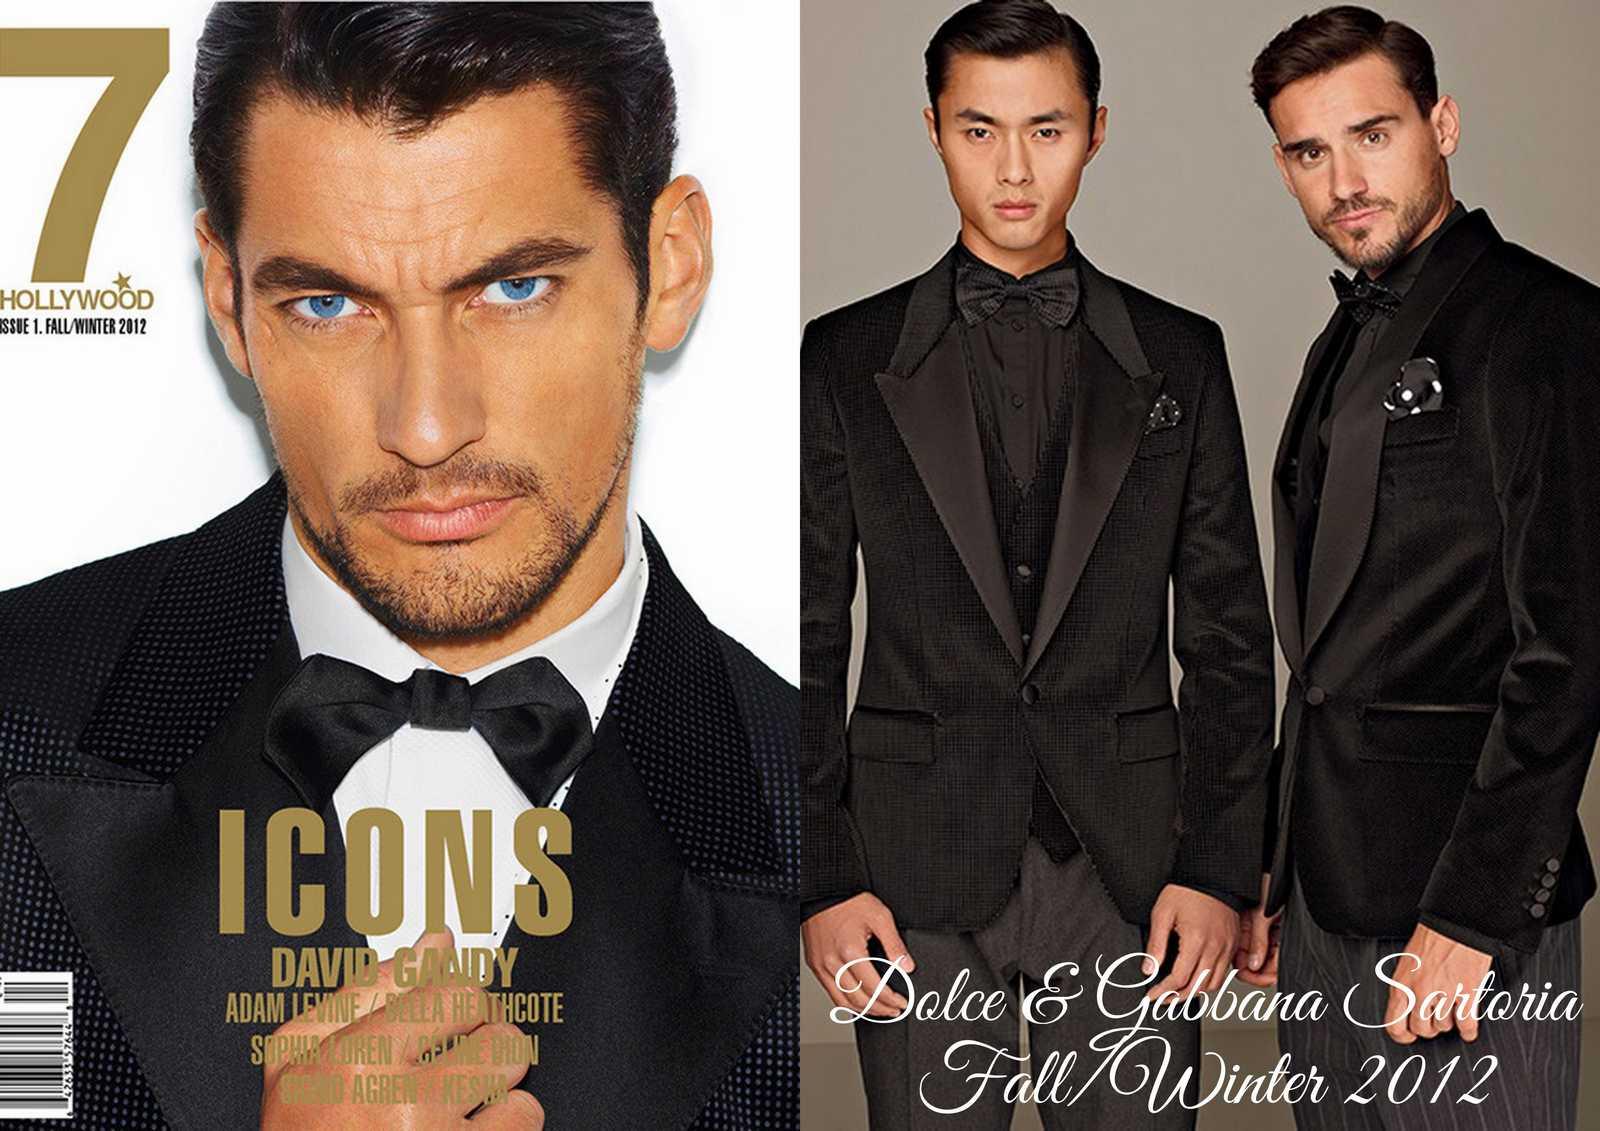 http://1.bp.blogspot.com/-TnnP0gXGt4A/UN-rPLEsAkI/AAAAAAAAhZ8/glVLn9kxKrU/s1600/David+Gandy+en+Dolce+&+Gabbana+para+7+Hollywood+Magazine.jpg